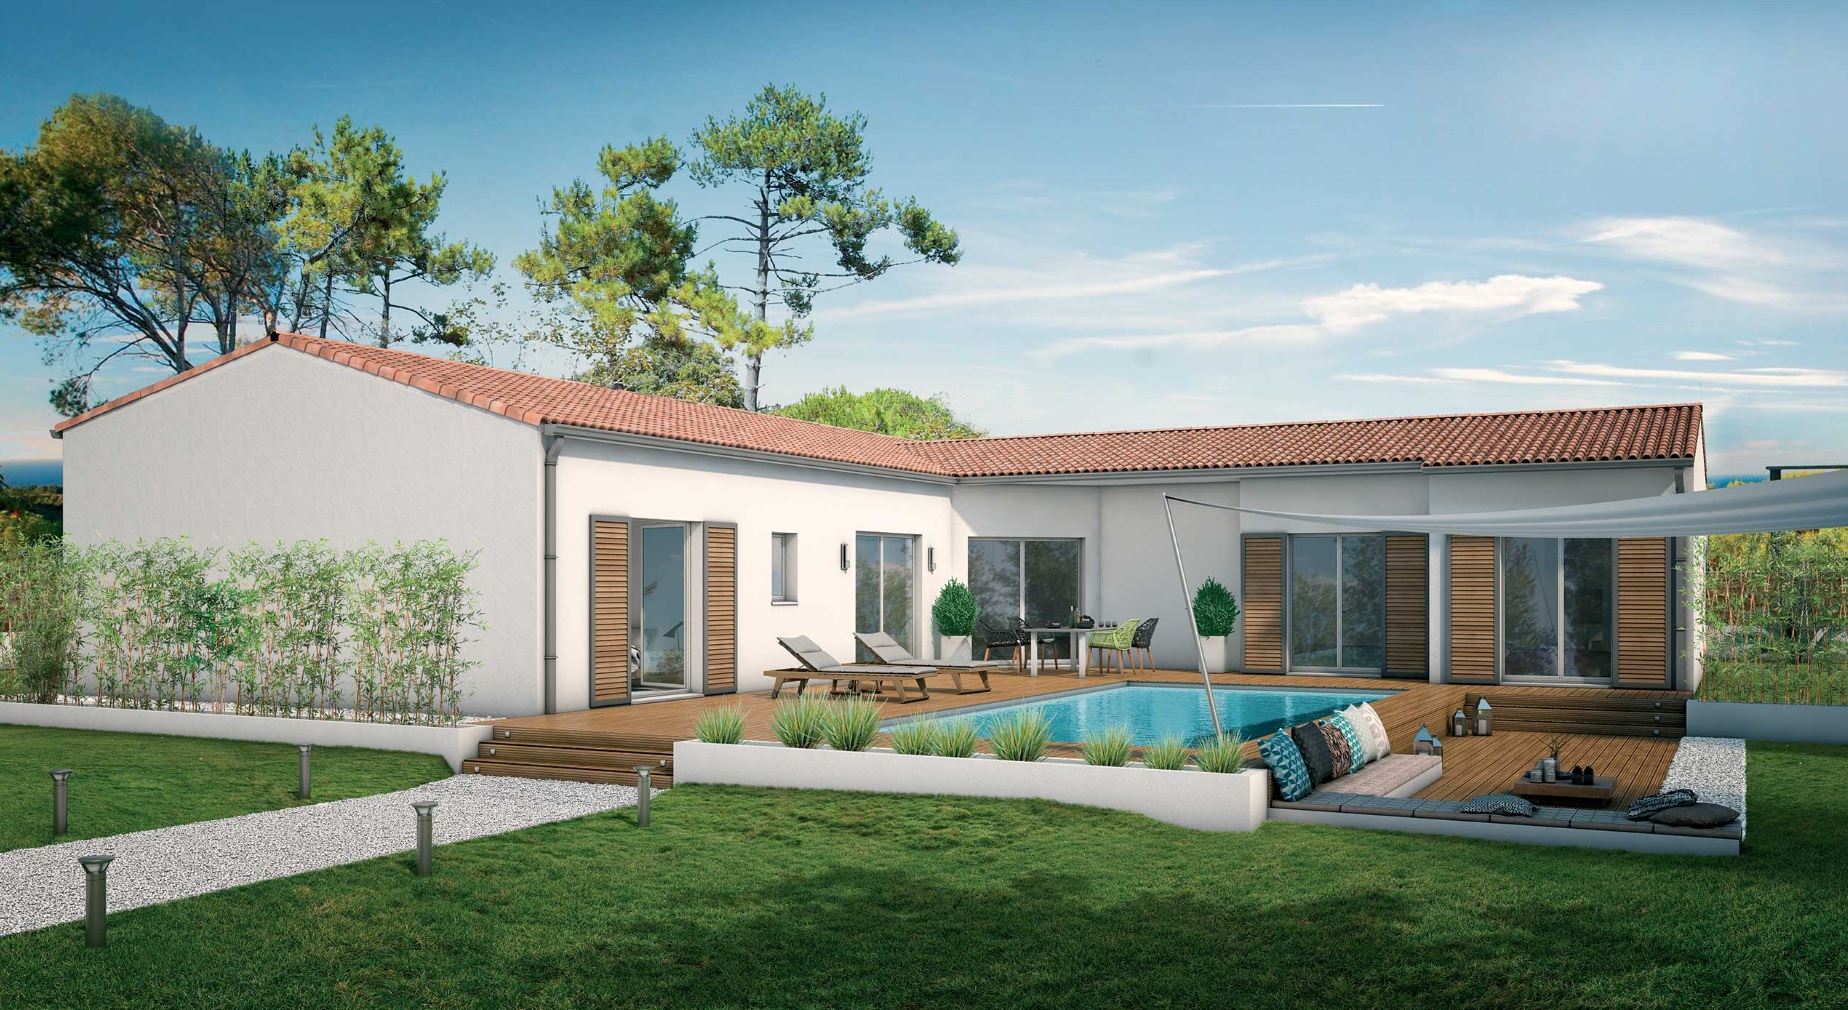 Maison permis construire architecte Lyon